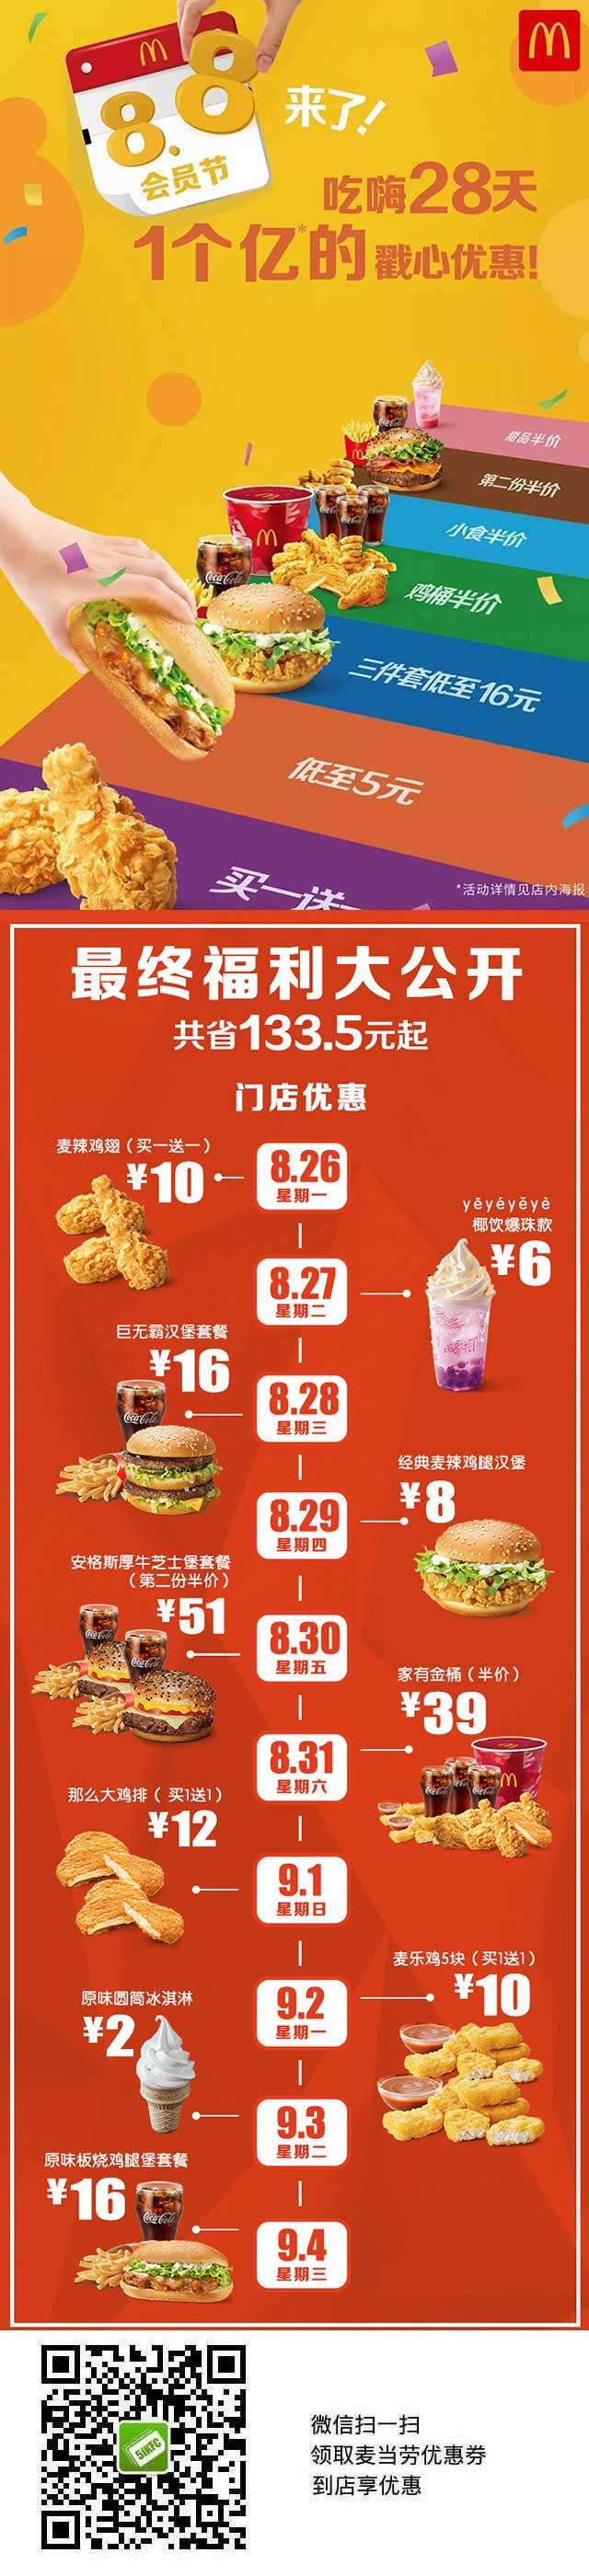 麦当劳2019年88会员节,5元汉堡、半价鸡桶多款优惠券